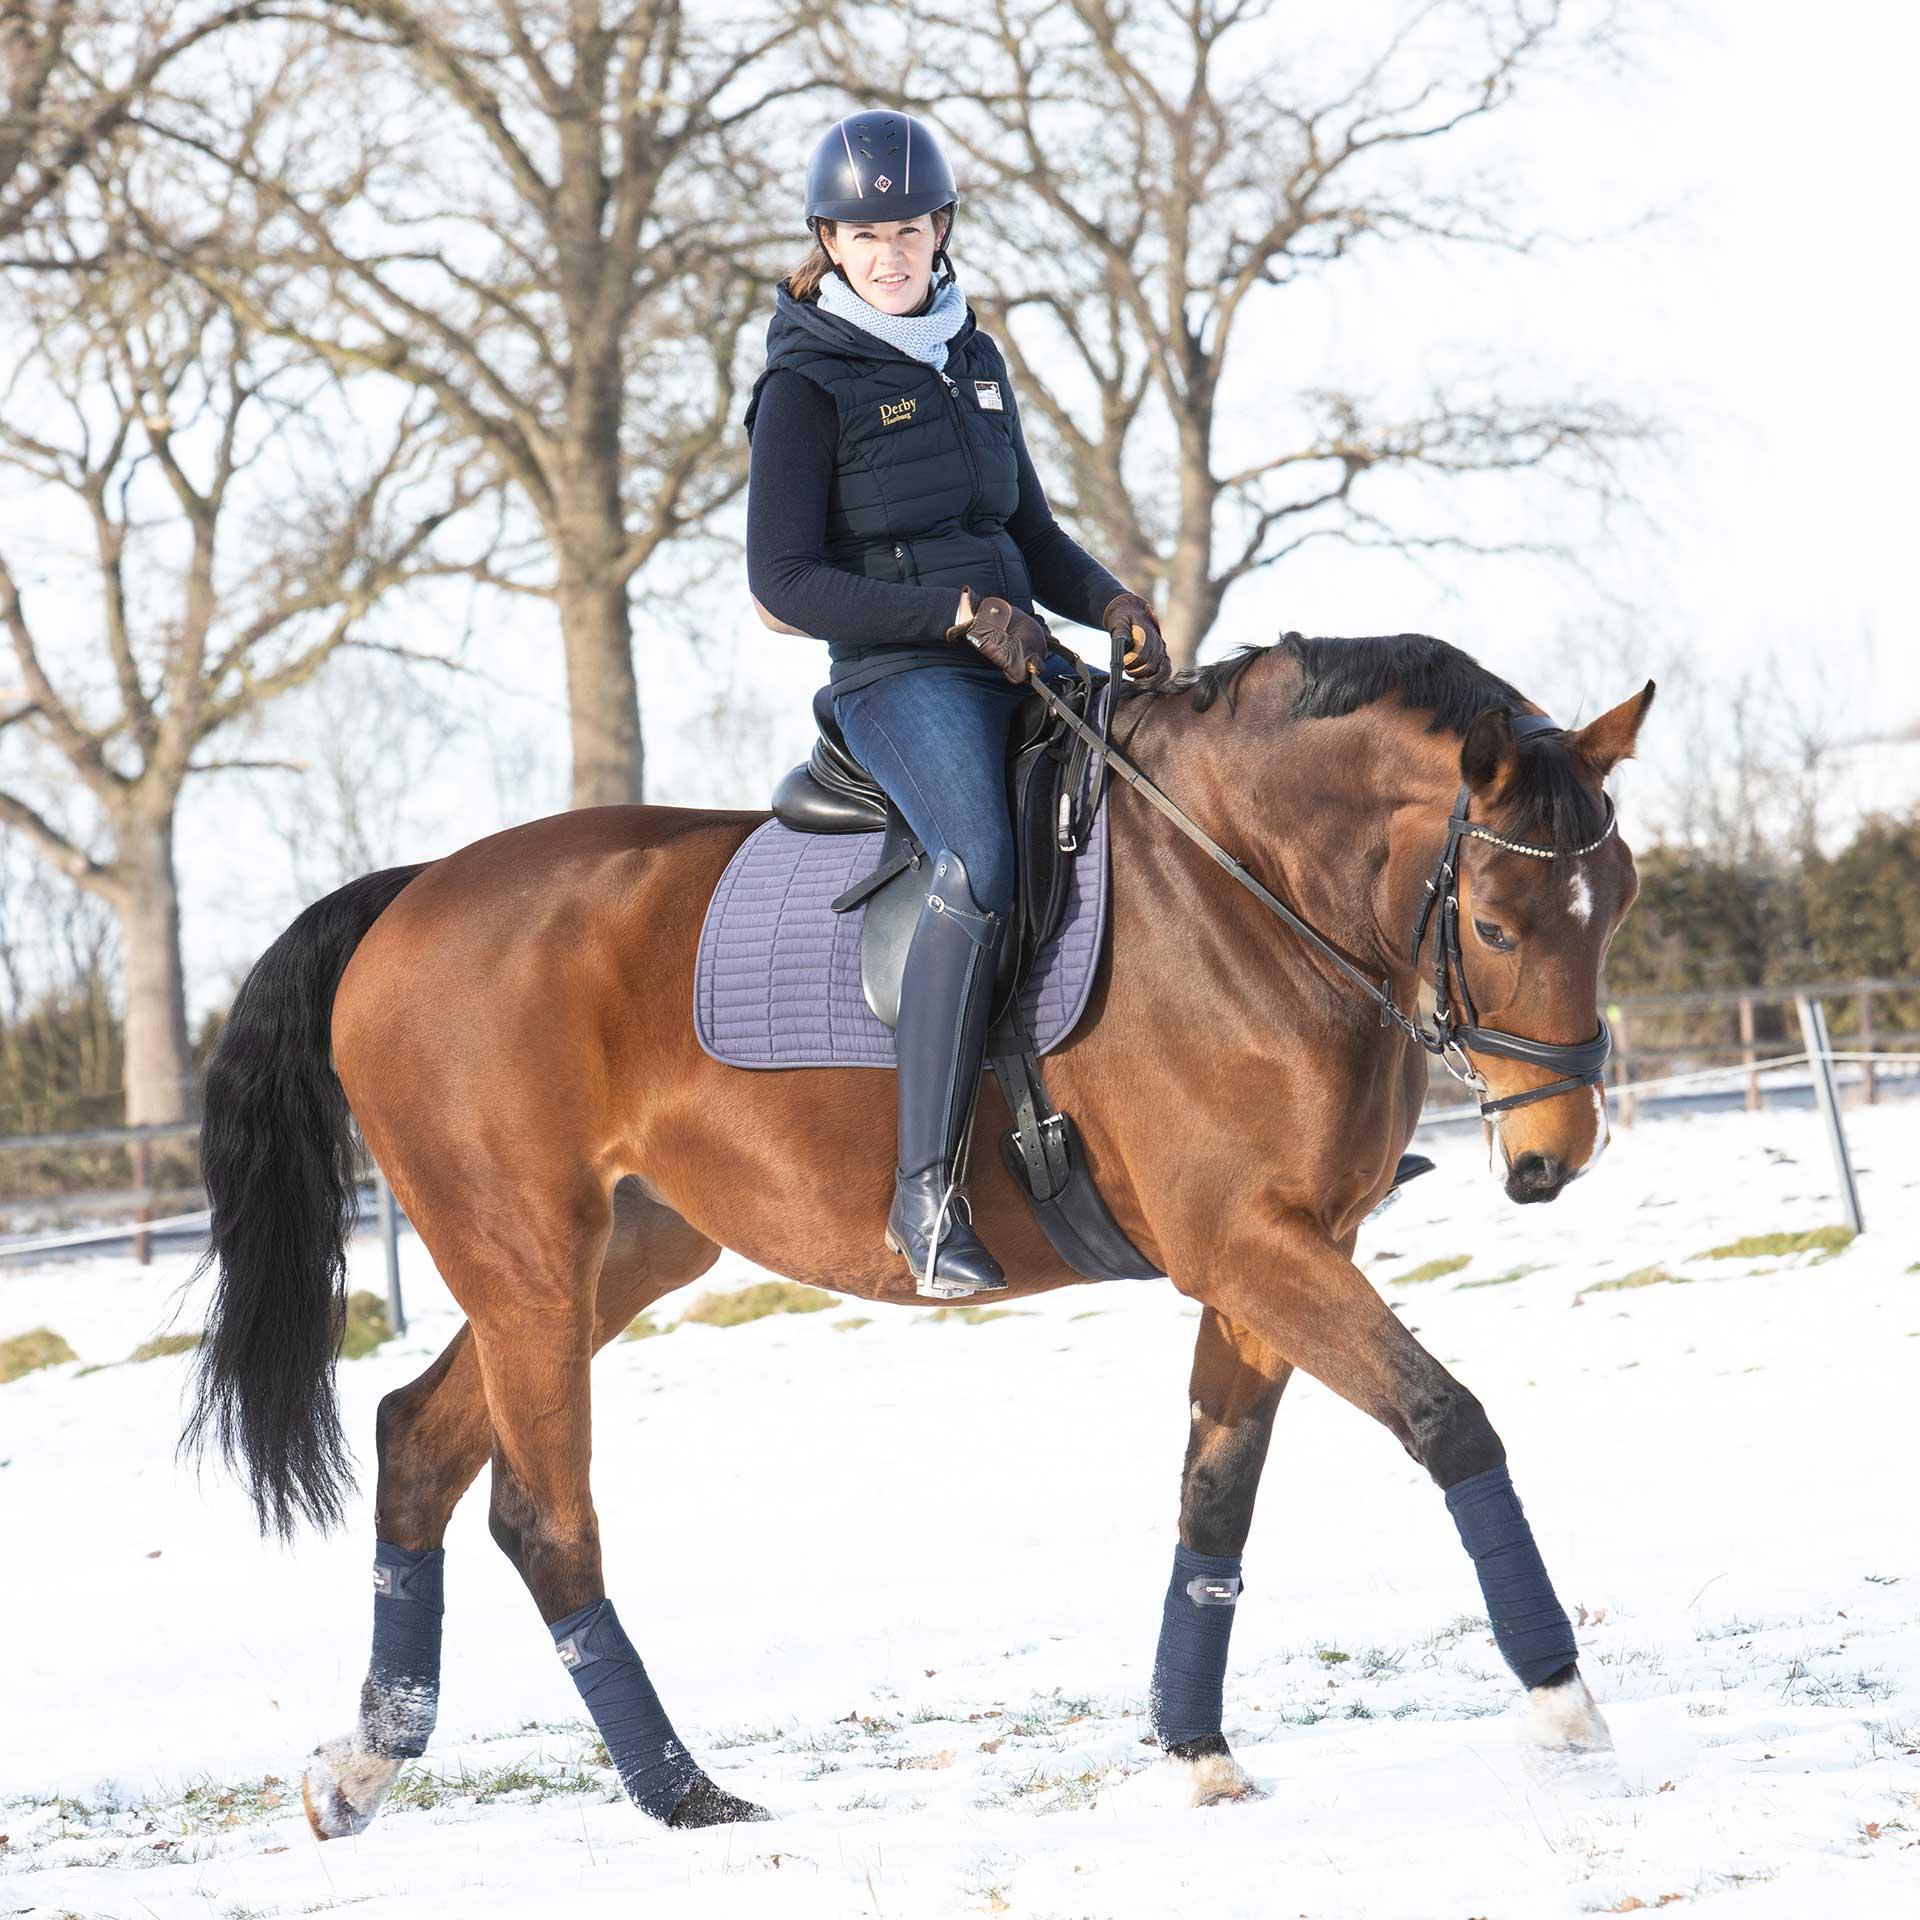 Pferd in Bewegung, angela pfeiffer Fotografin, angela pfeiffer, pferdefotografin hamburg, pferdeshooting, pferdefotografie, pferdeshooting hamburg, pferdefoto, professionelle Pferdefotos, professionelles pferdeshooting, individuelle pferdefotos, pferdeportraits, fotos turnierpferde, turnierfotos, sportpferde fotos, fotografie, sportpferdefotografie, portrait mit Pferd, Shooting mit Pferd, pferdefotografin Norddeutschland, individuelles pferdeshooting, authentisches pferdeshooting, individuelle Pferdefotografie, klassische Pferdefotografie, klassische Pferdeportraits, Sportpferd klassisch